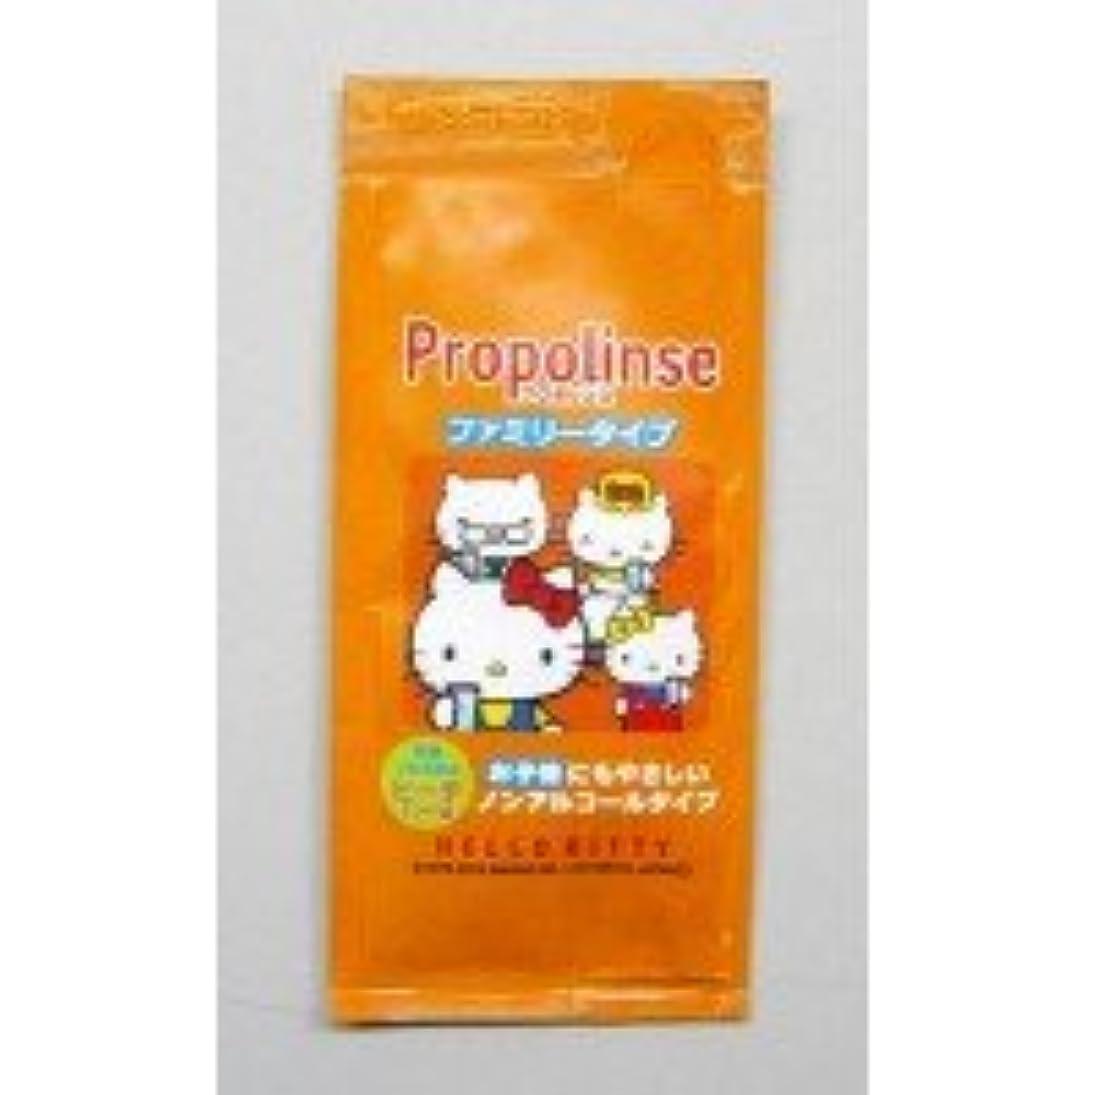 ディスク染色素晴らしさプロポリンスファミリータイプ 12ml(1袋)×100袋